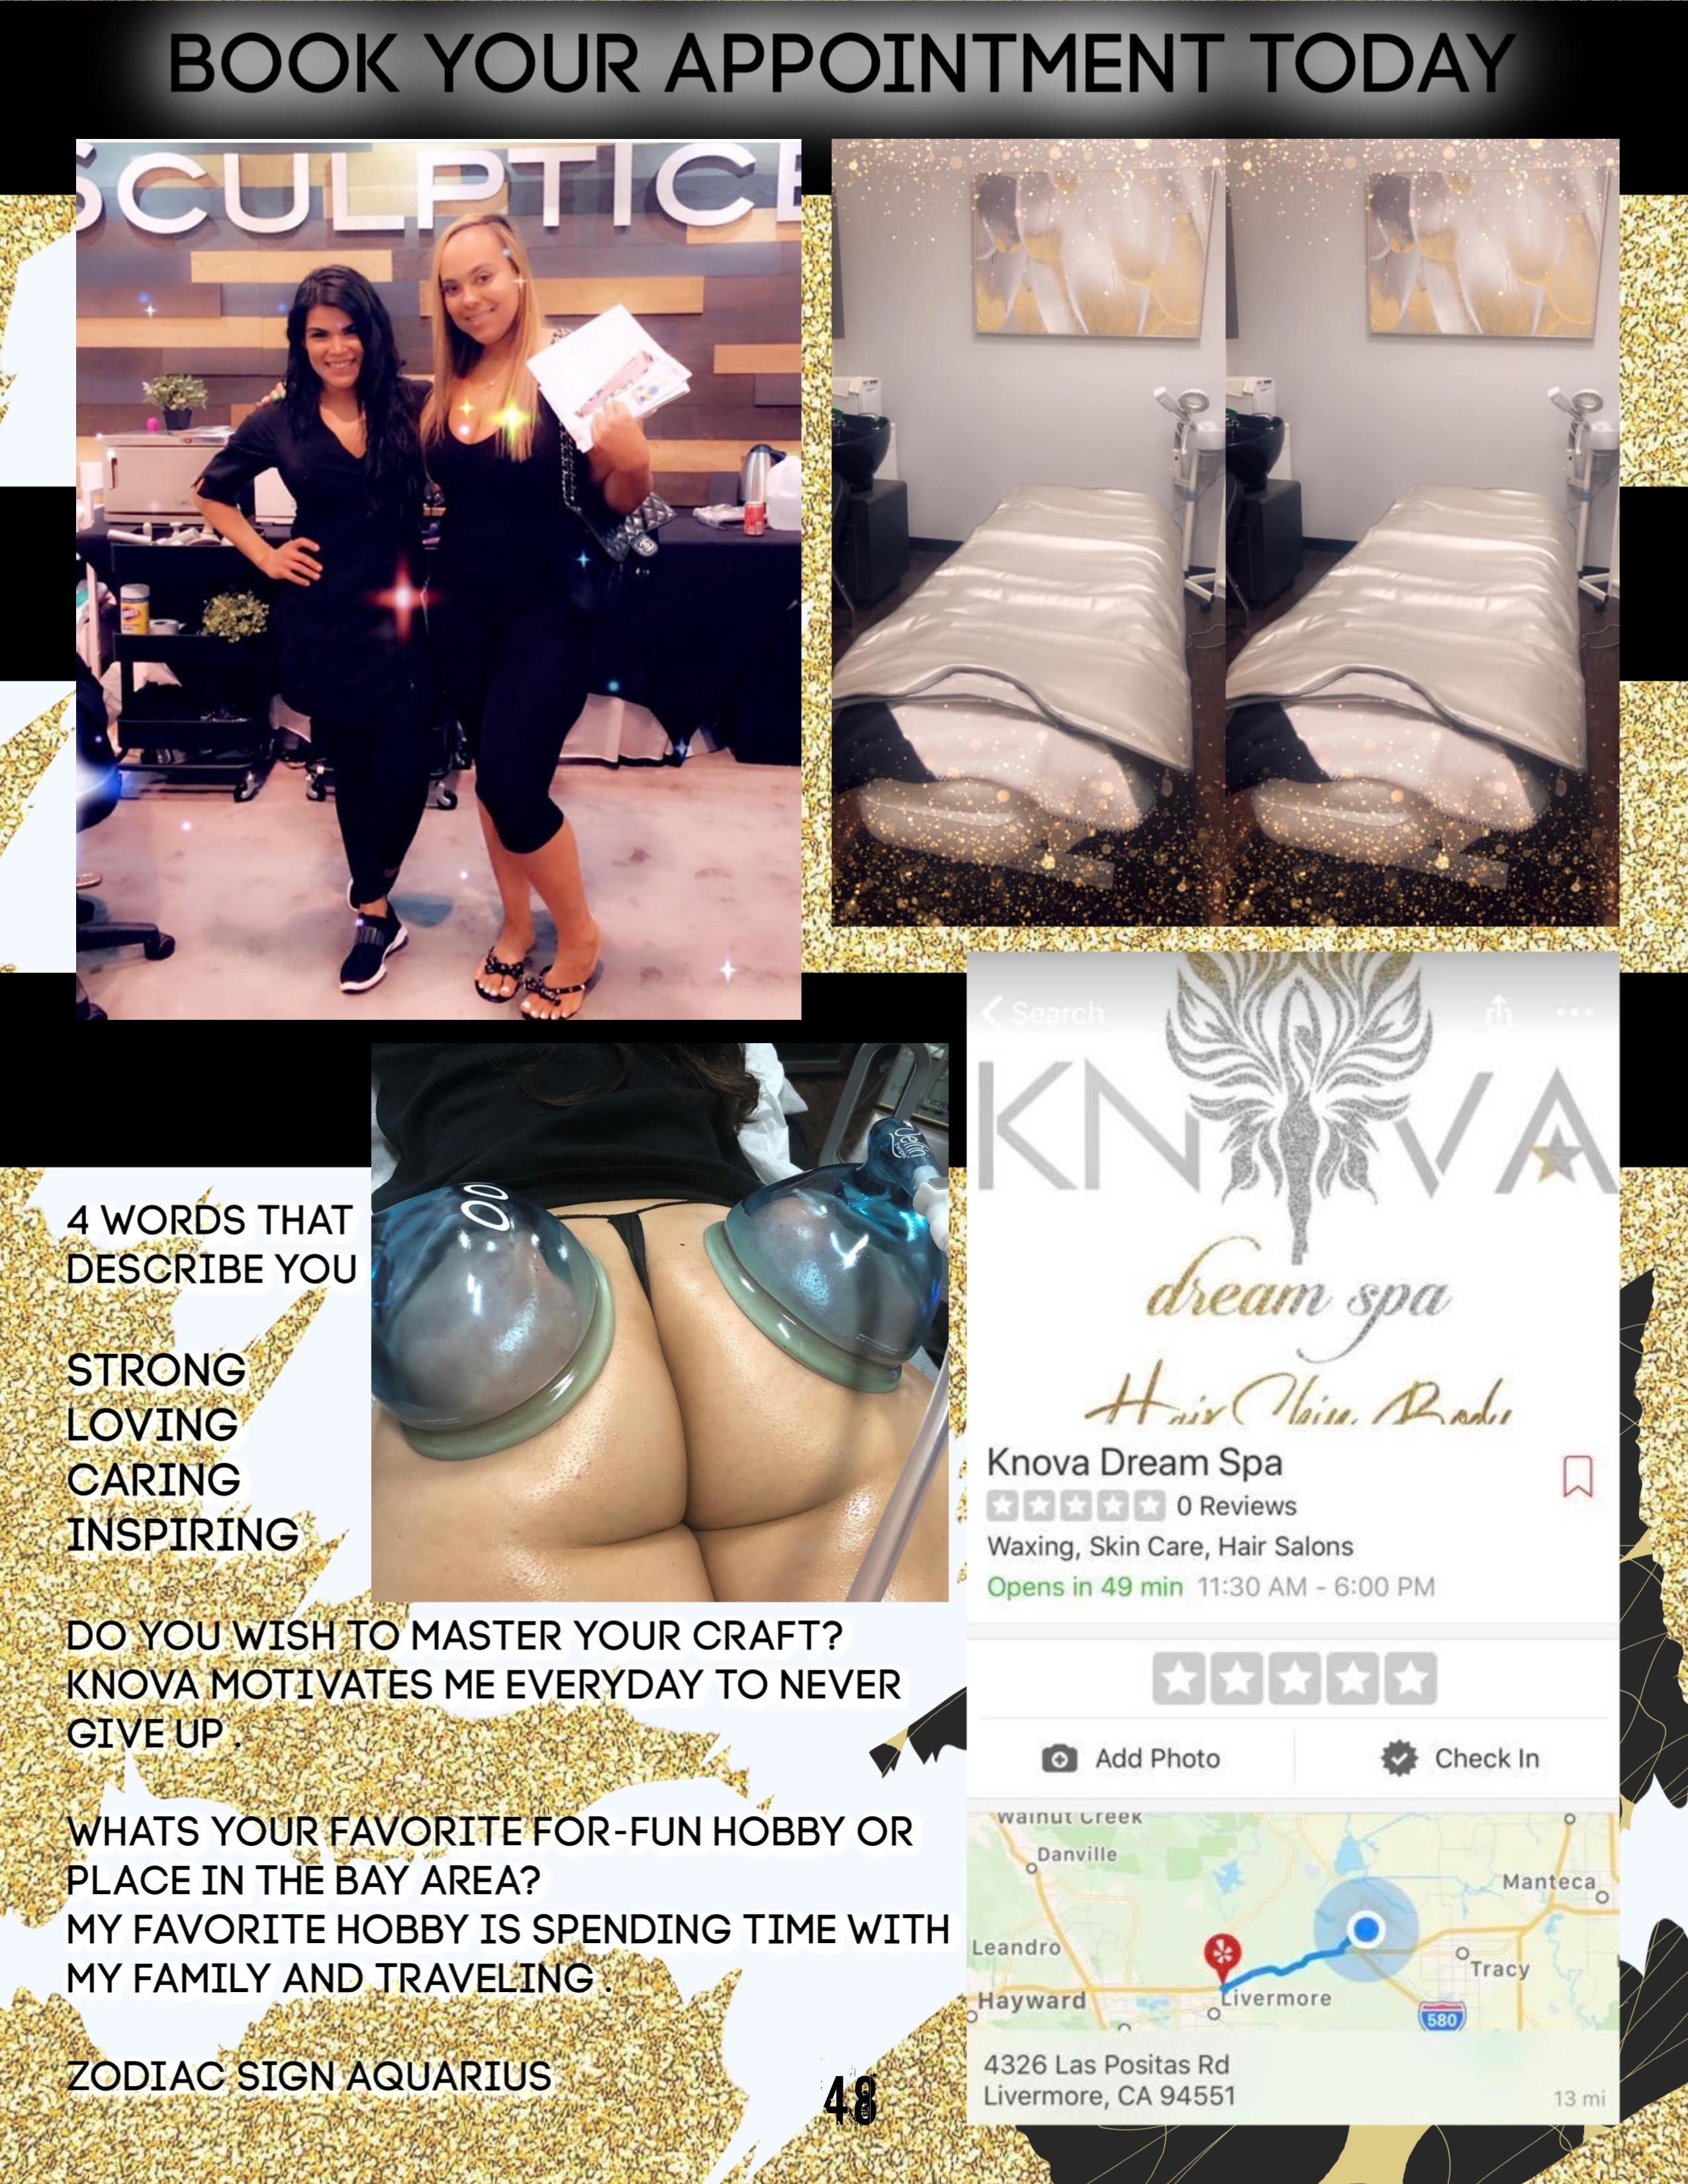 48 Knova Dream Spa